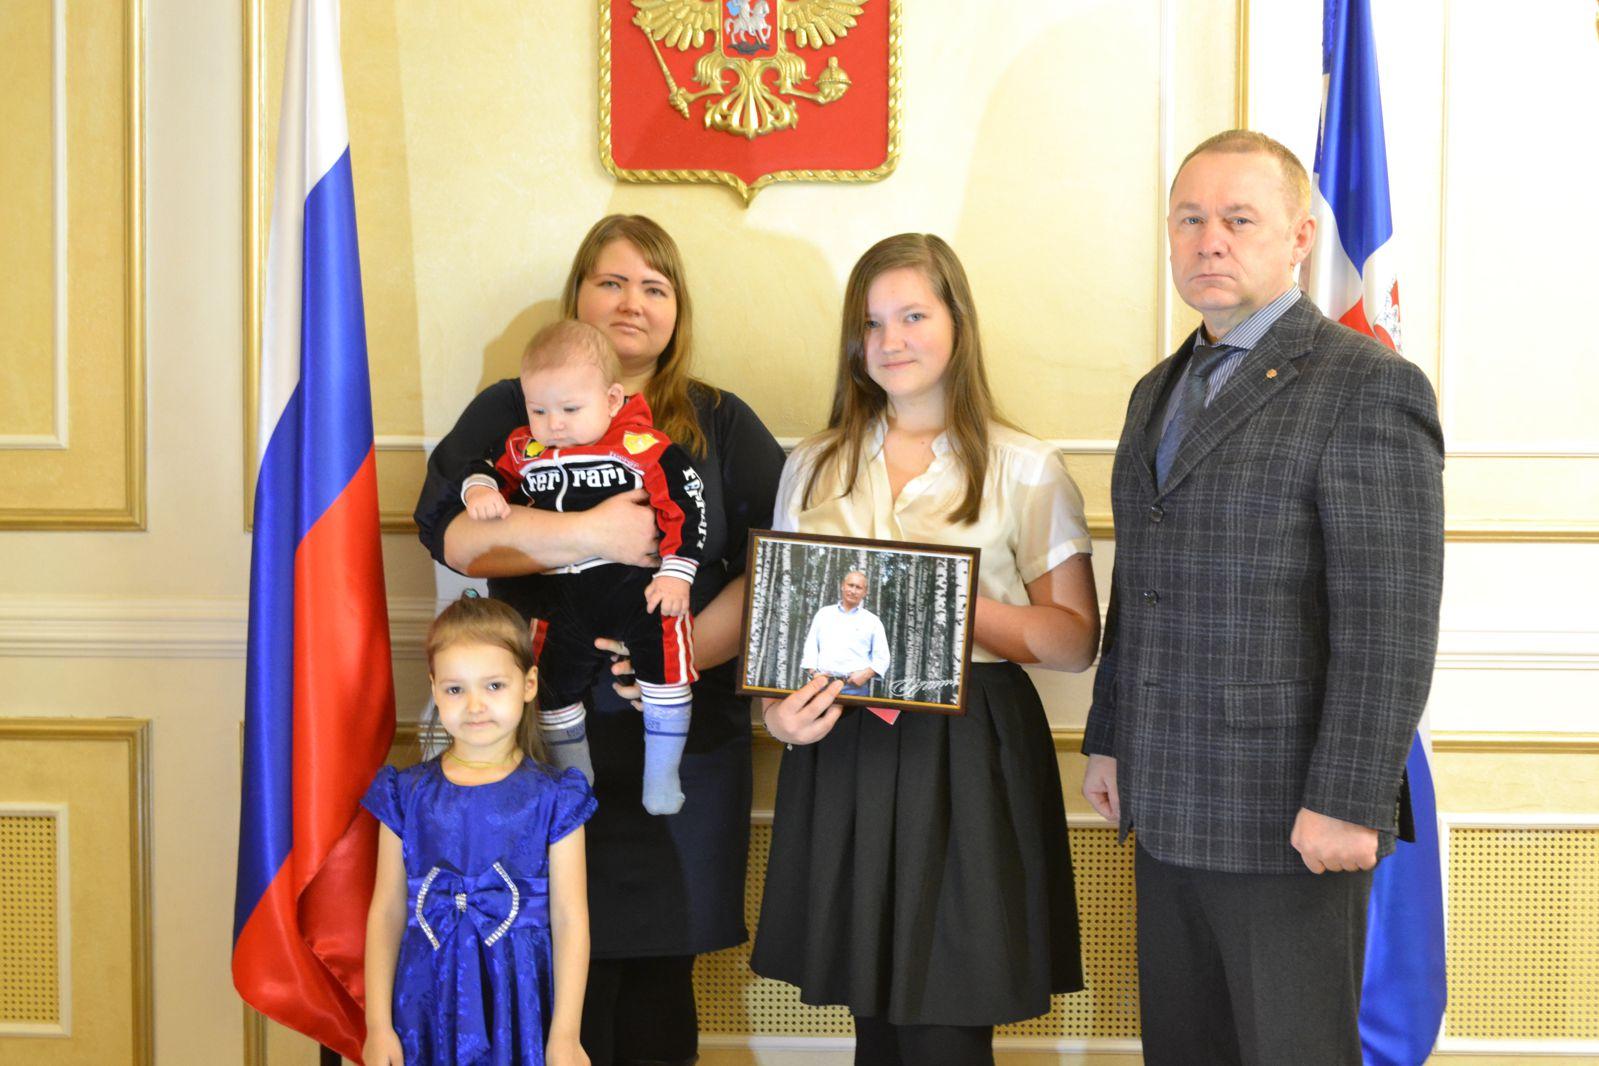 Владимир Путин прислал пермской школьнице фото савтографом